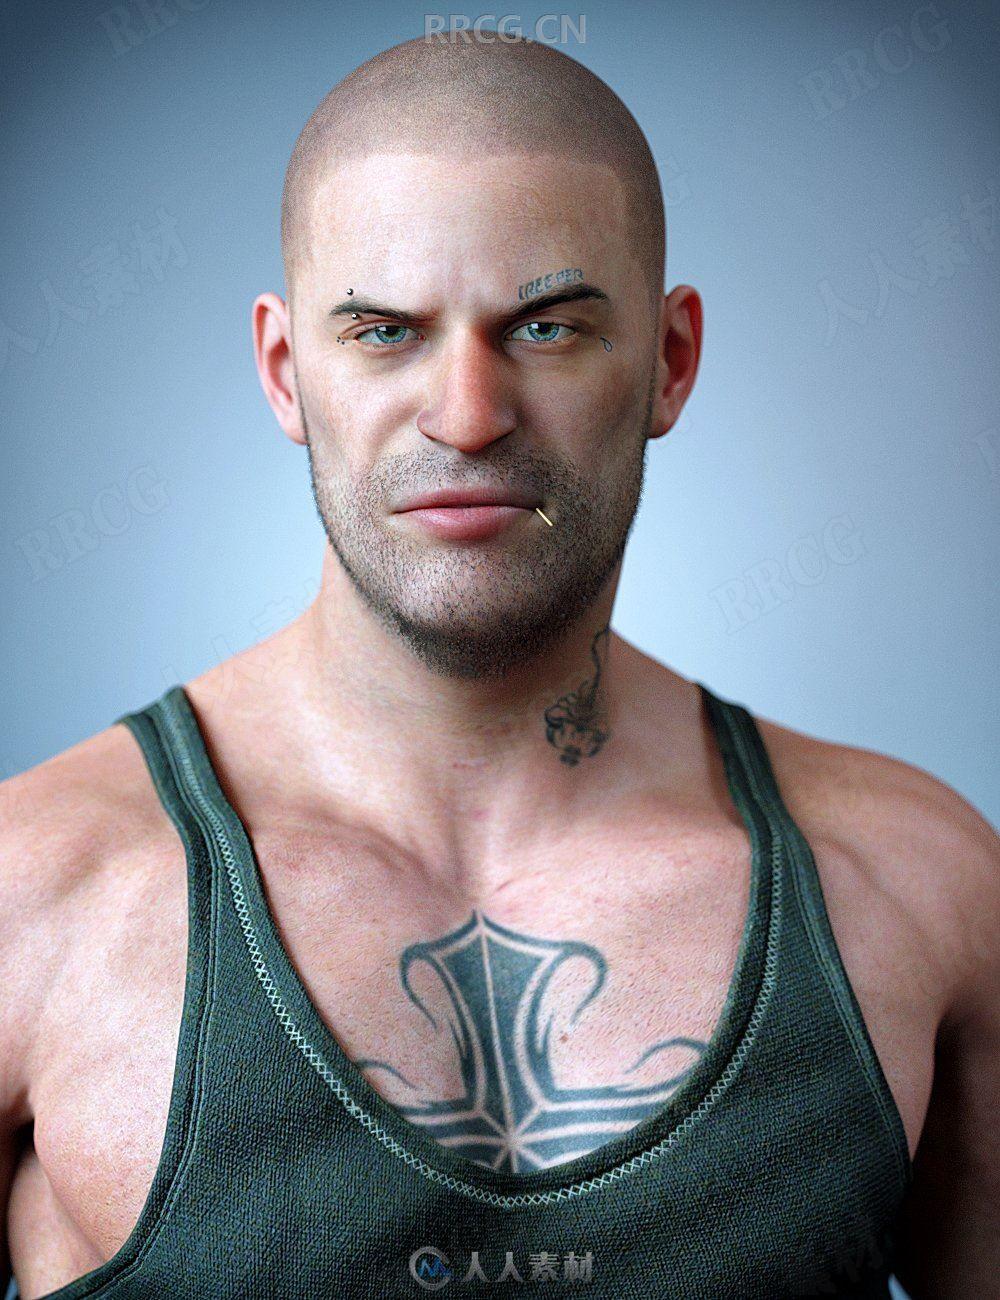 健壮年轻肌肉纹身男性3D模型合集